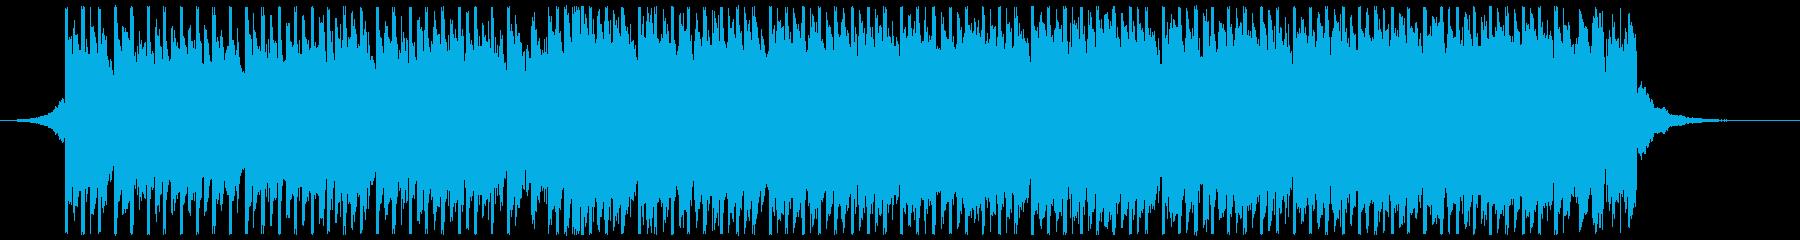 夏のパーティーダンス(ショート1)の再生済みの波形